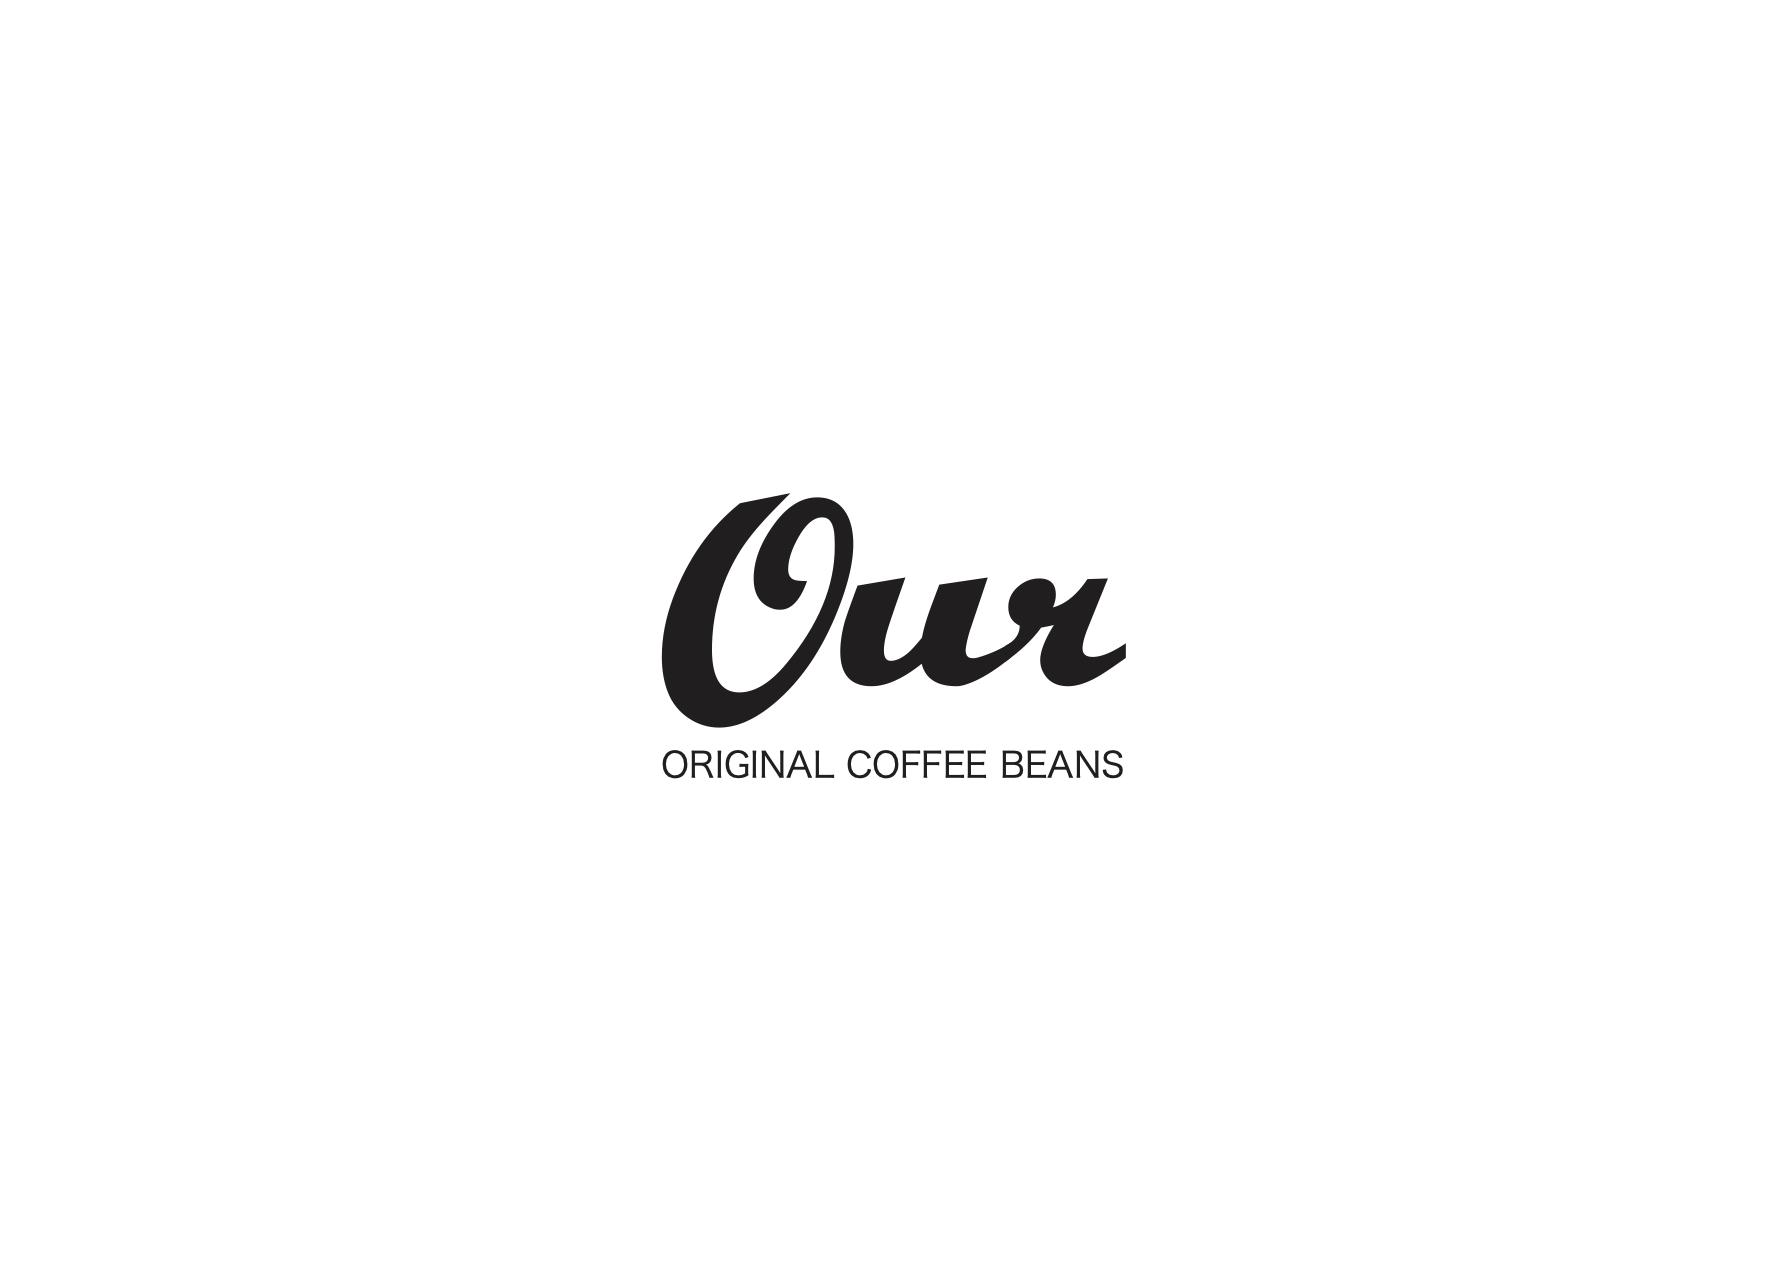 オリジナルブレンド『Our』のリリースについて_b0363827_15440290.jpg